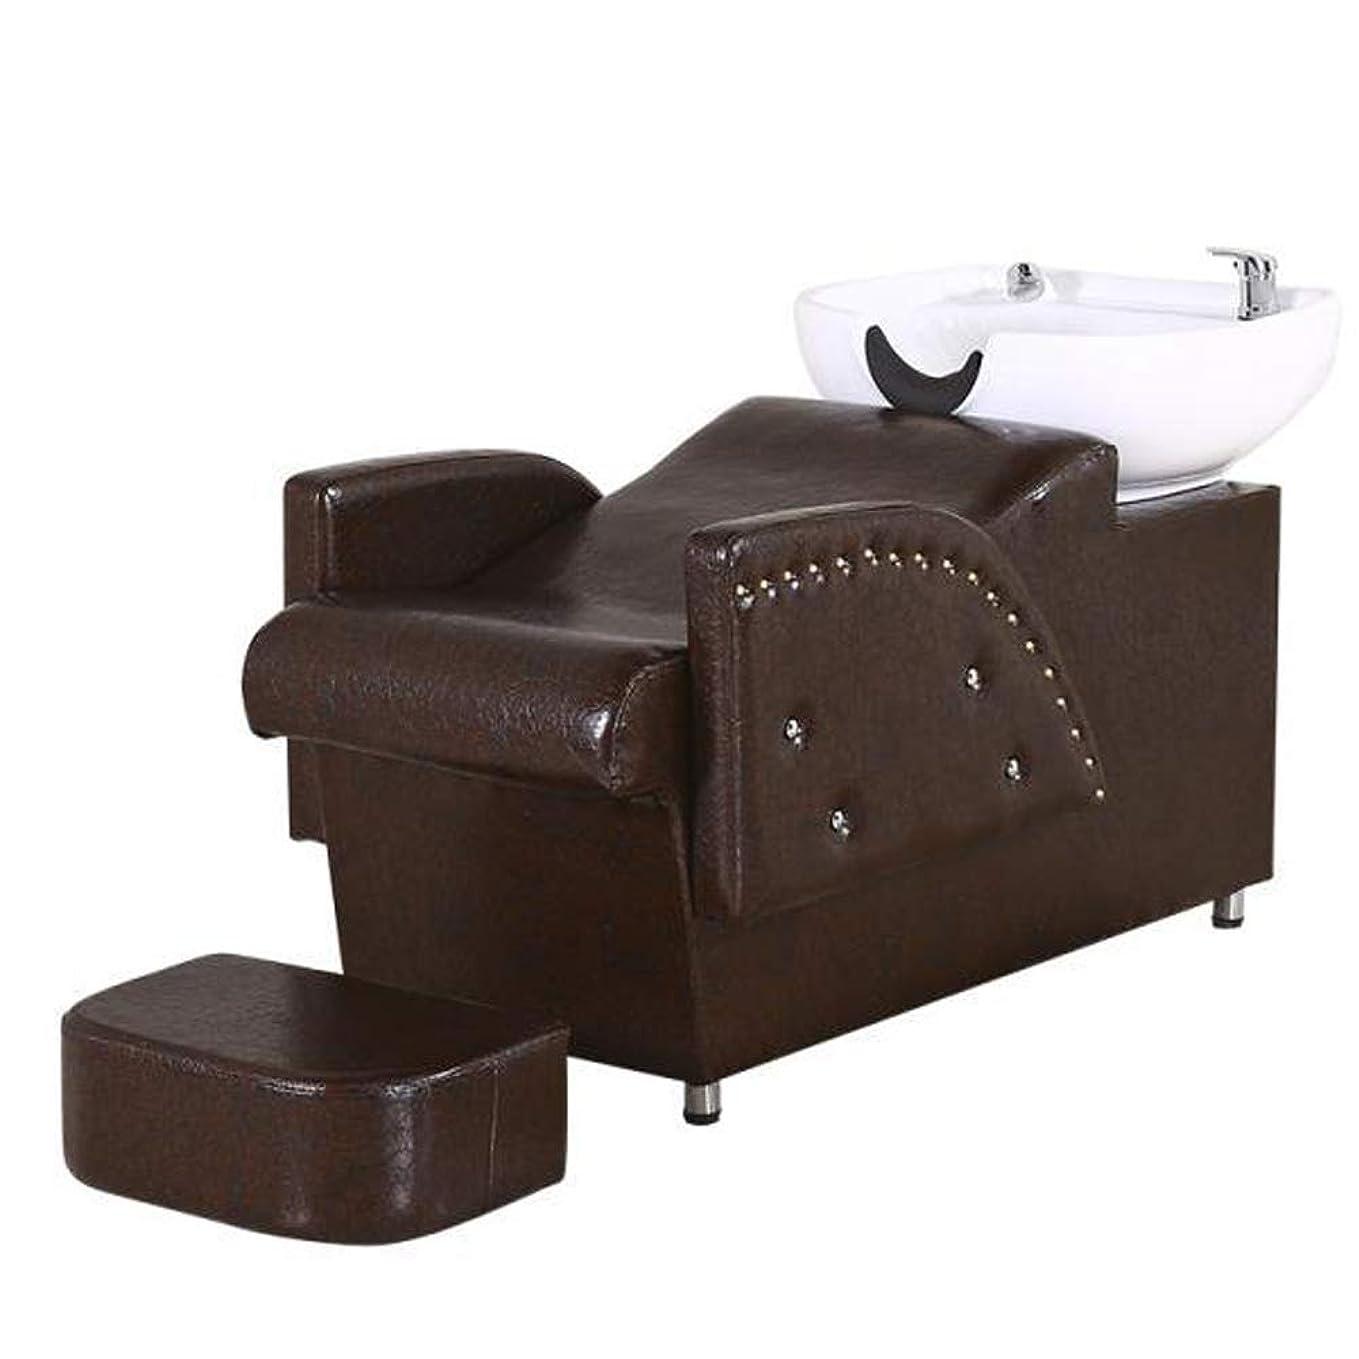 スキップ兄弟愛誘惑するシャンプー椅子、逆洗ユニットシャンプーボウル理髪シンク椅子スパ美容院機器半横臥シャンプーベッド